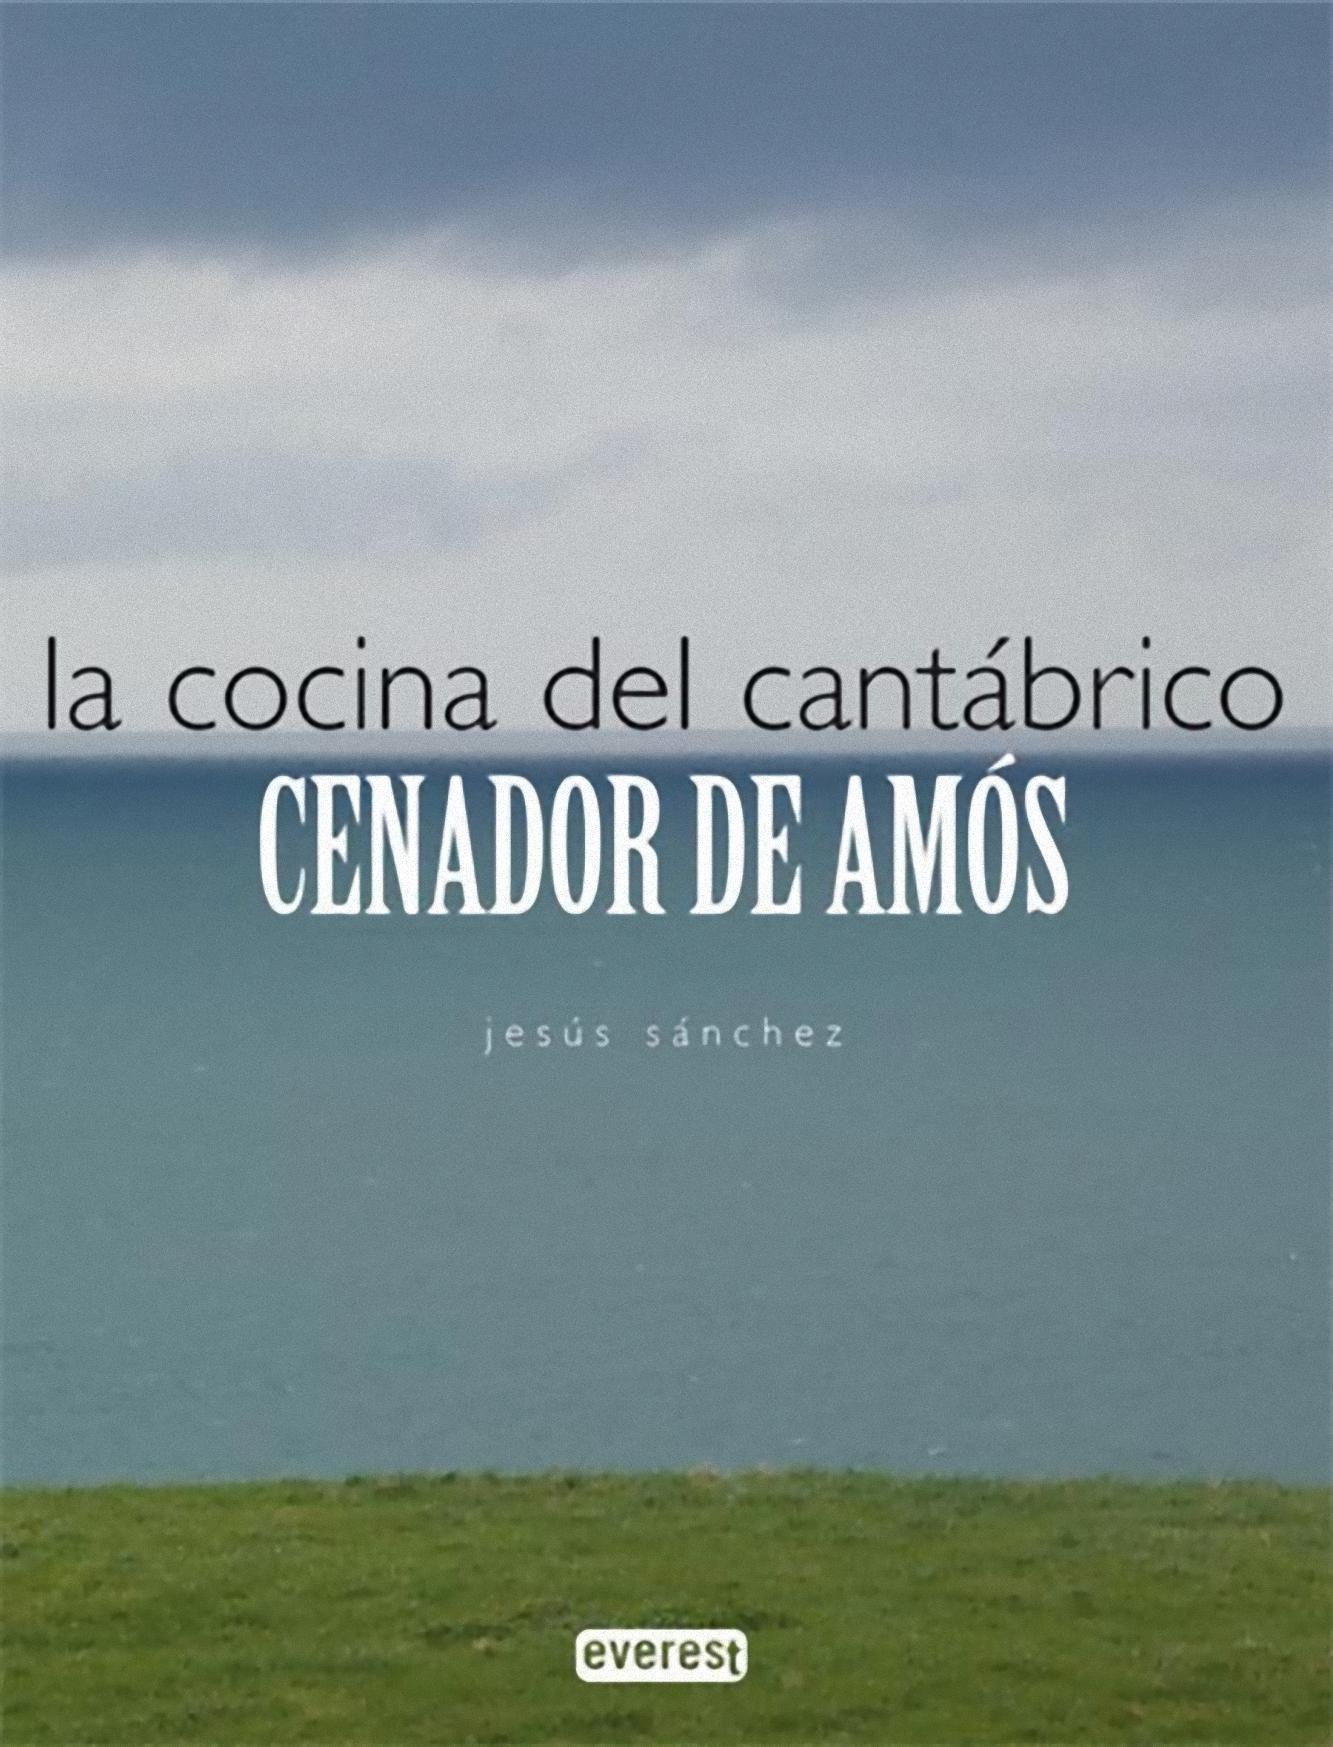 La cocina del Cantábrico: Cenador de Amós